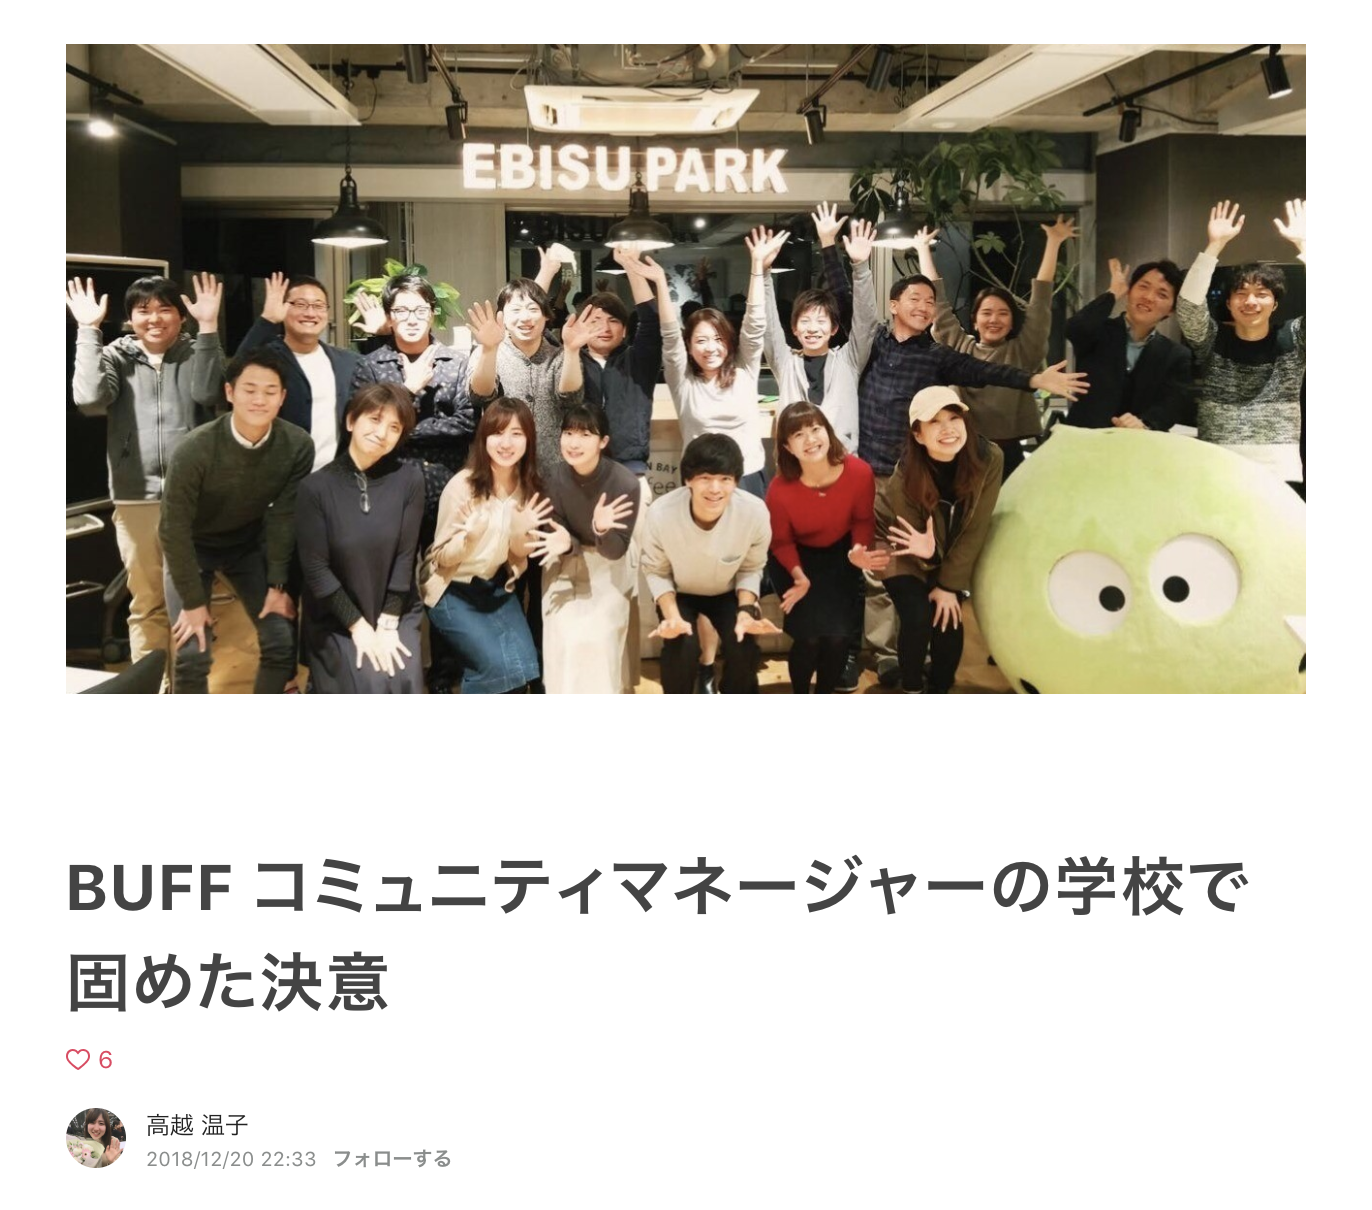 一番印象に残っているのは、講義の中で耳にした「コミュニティは生き物である」という言葉。 - Atsuko Takakoshi